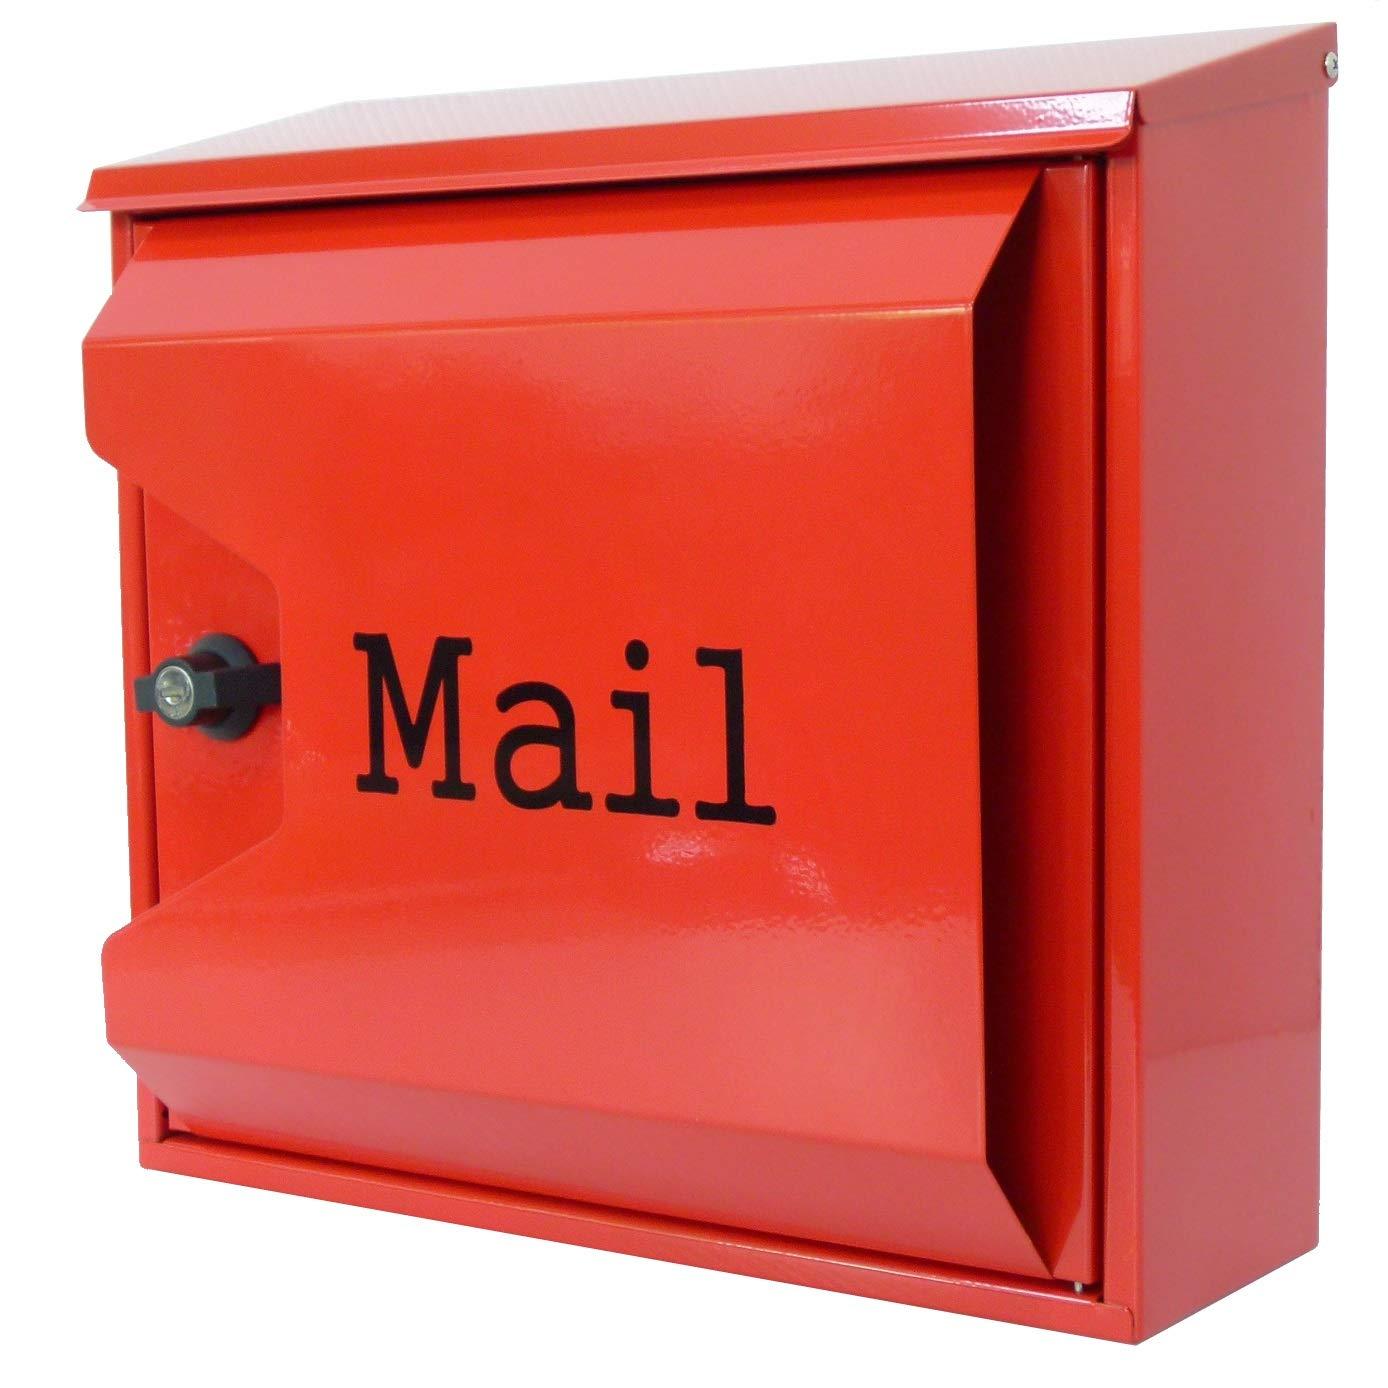 郵便ポスト メールボックス壁掛け 赤色 ステンレス m041   B008I5BQS4